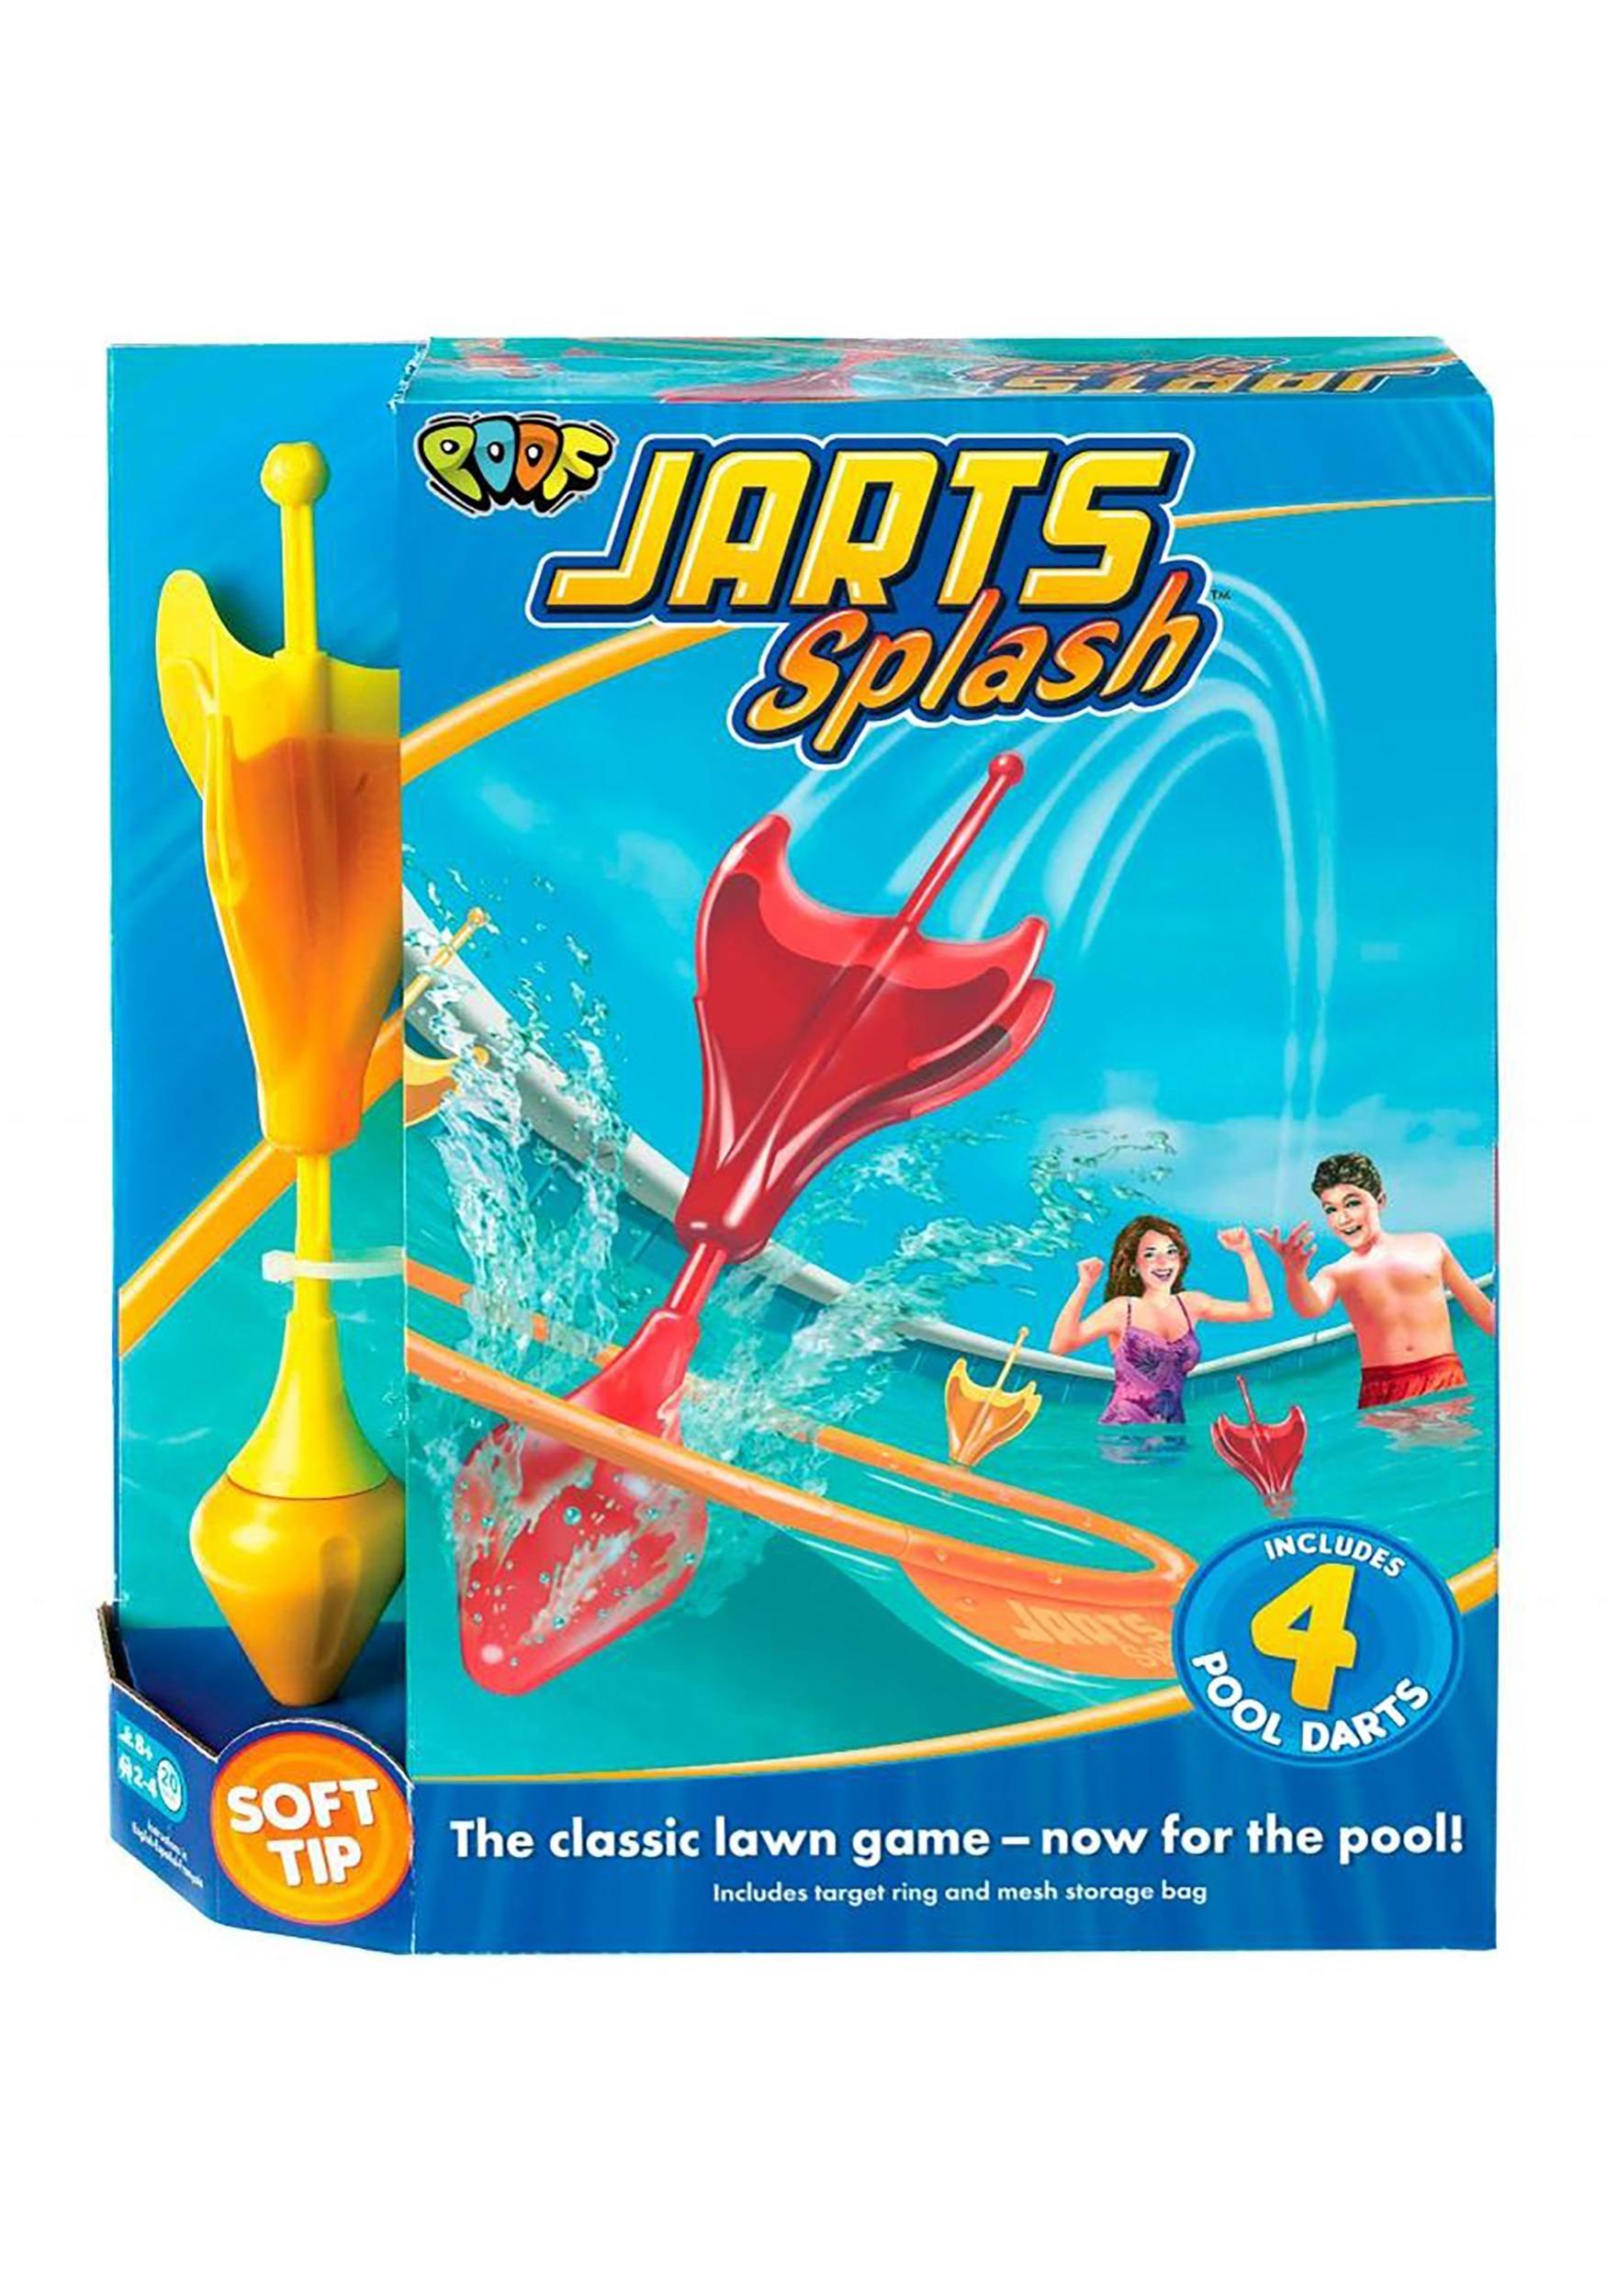 Jarts_Splash_Game